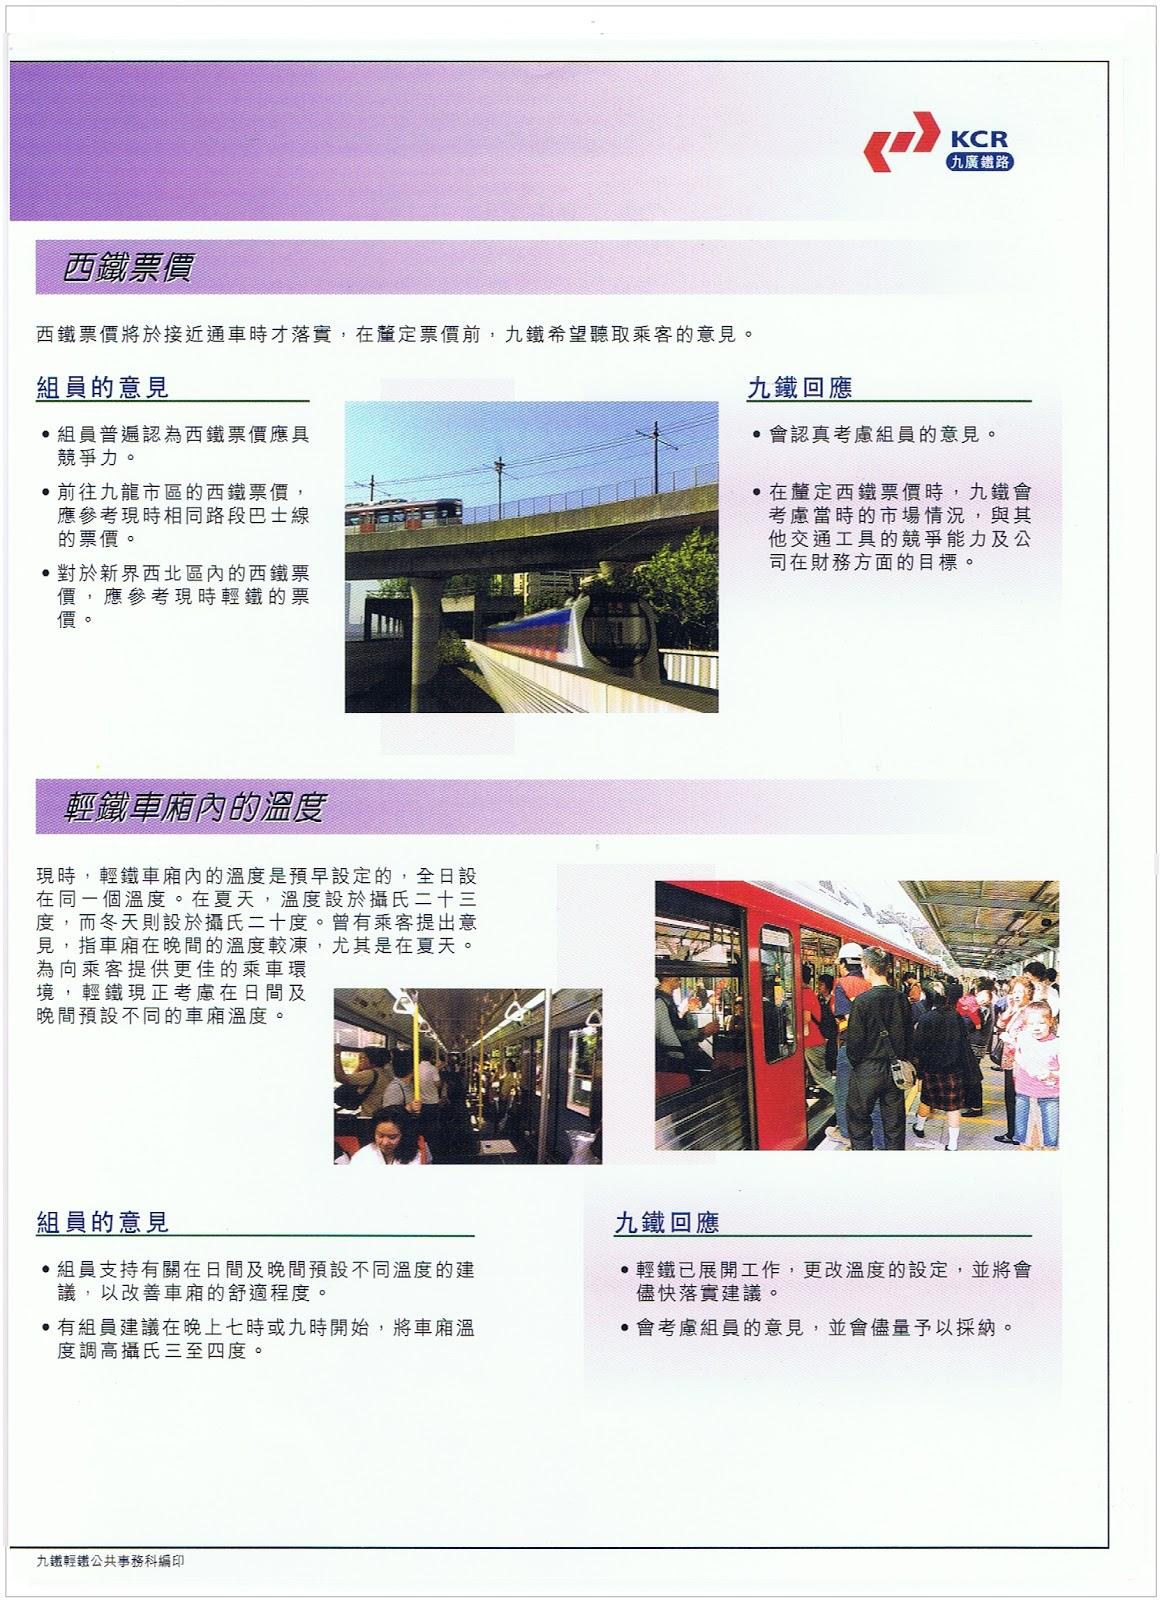 車票 Tickets : 輕鐵快訊 (二零零三年四月 第167期) LRT